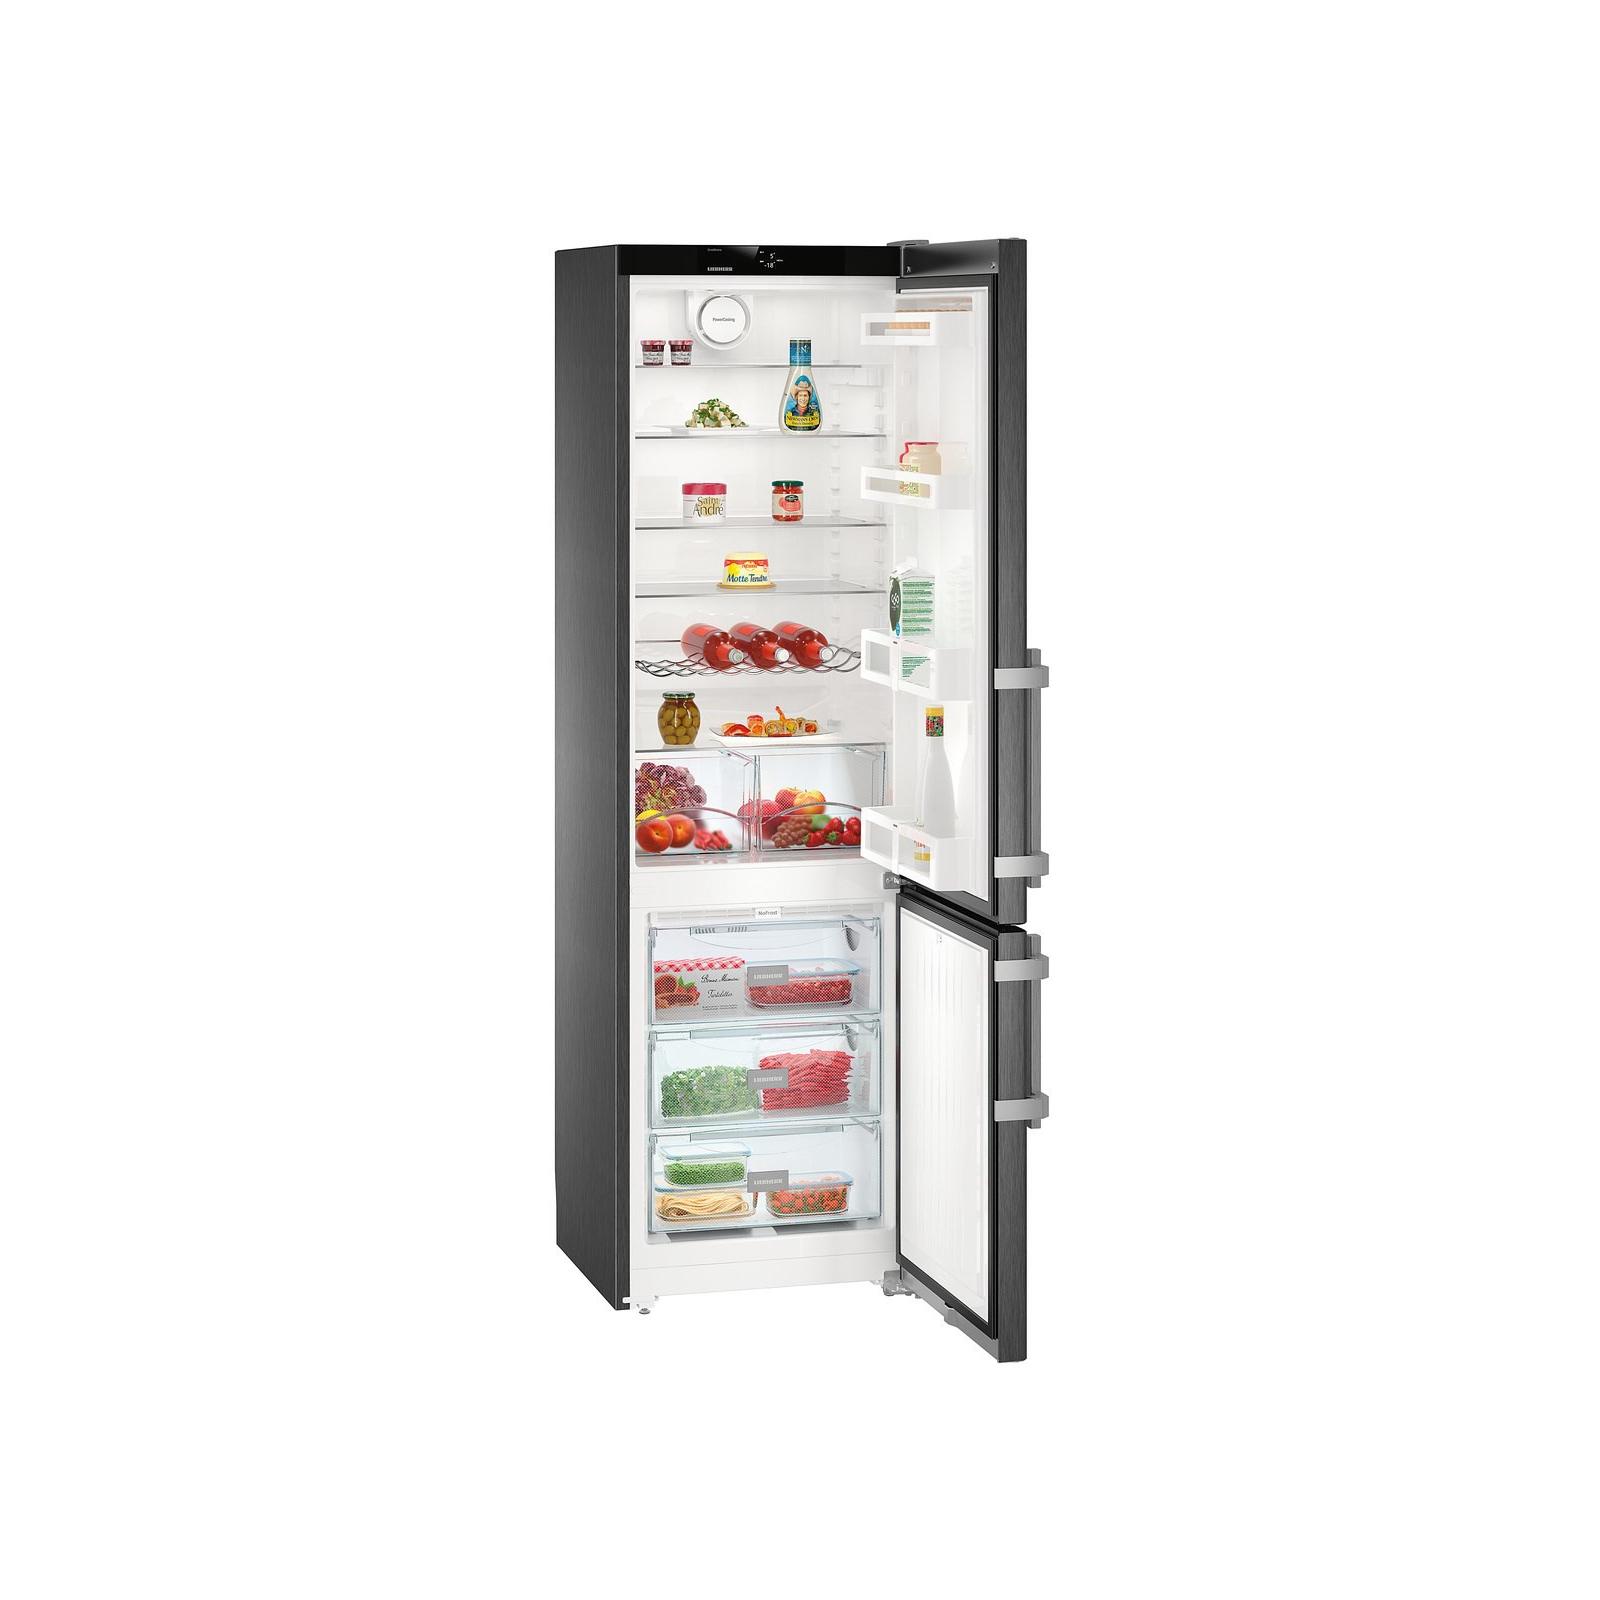 Холодильник Liebherr CNbs 4015 изображение 5